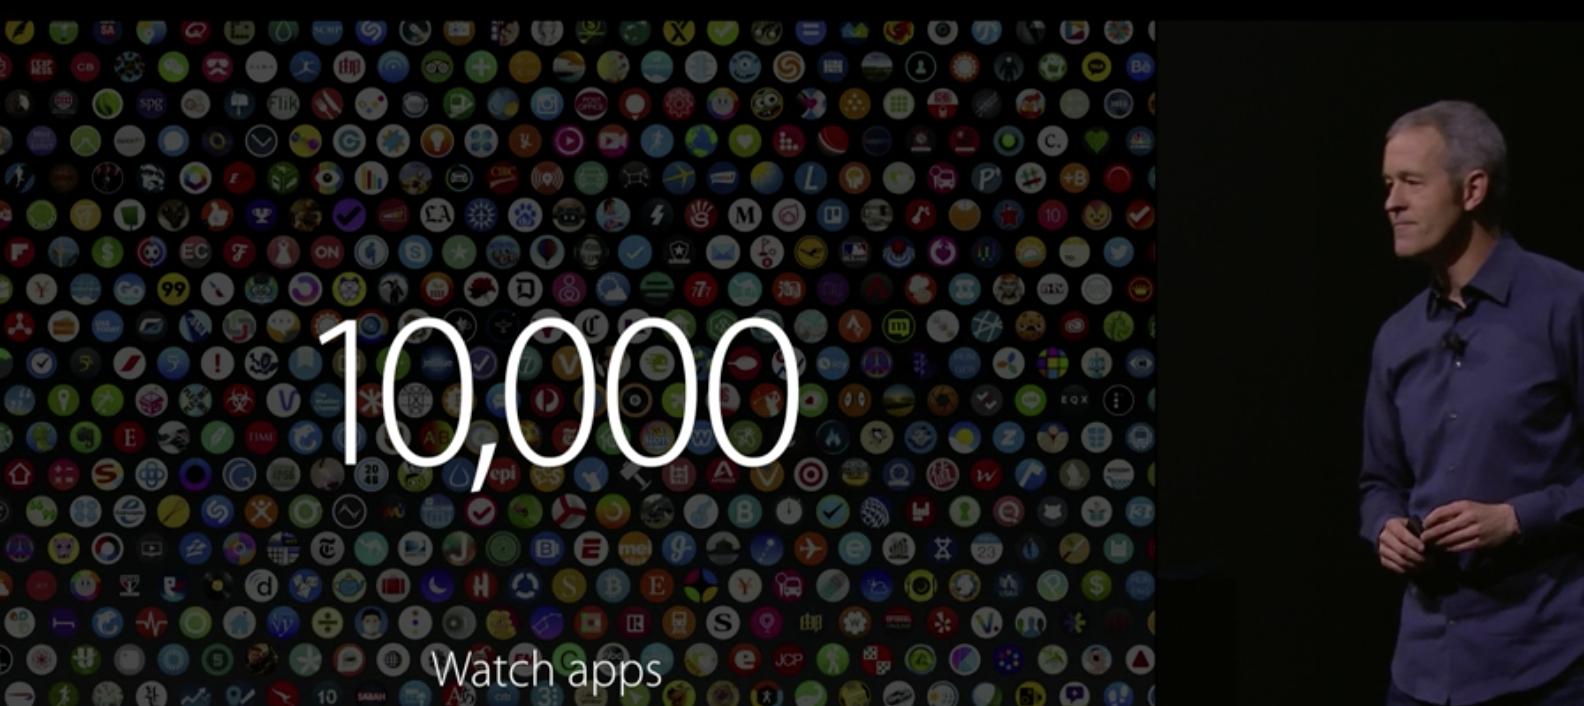 10k-watch-apps